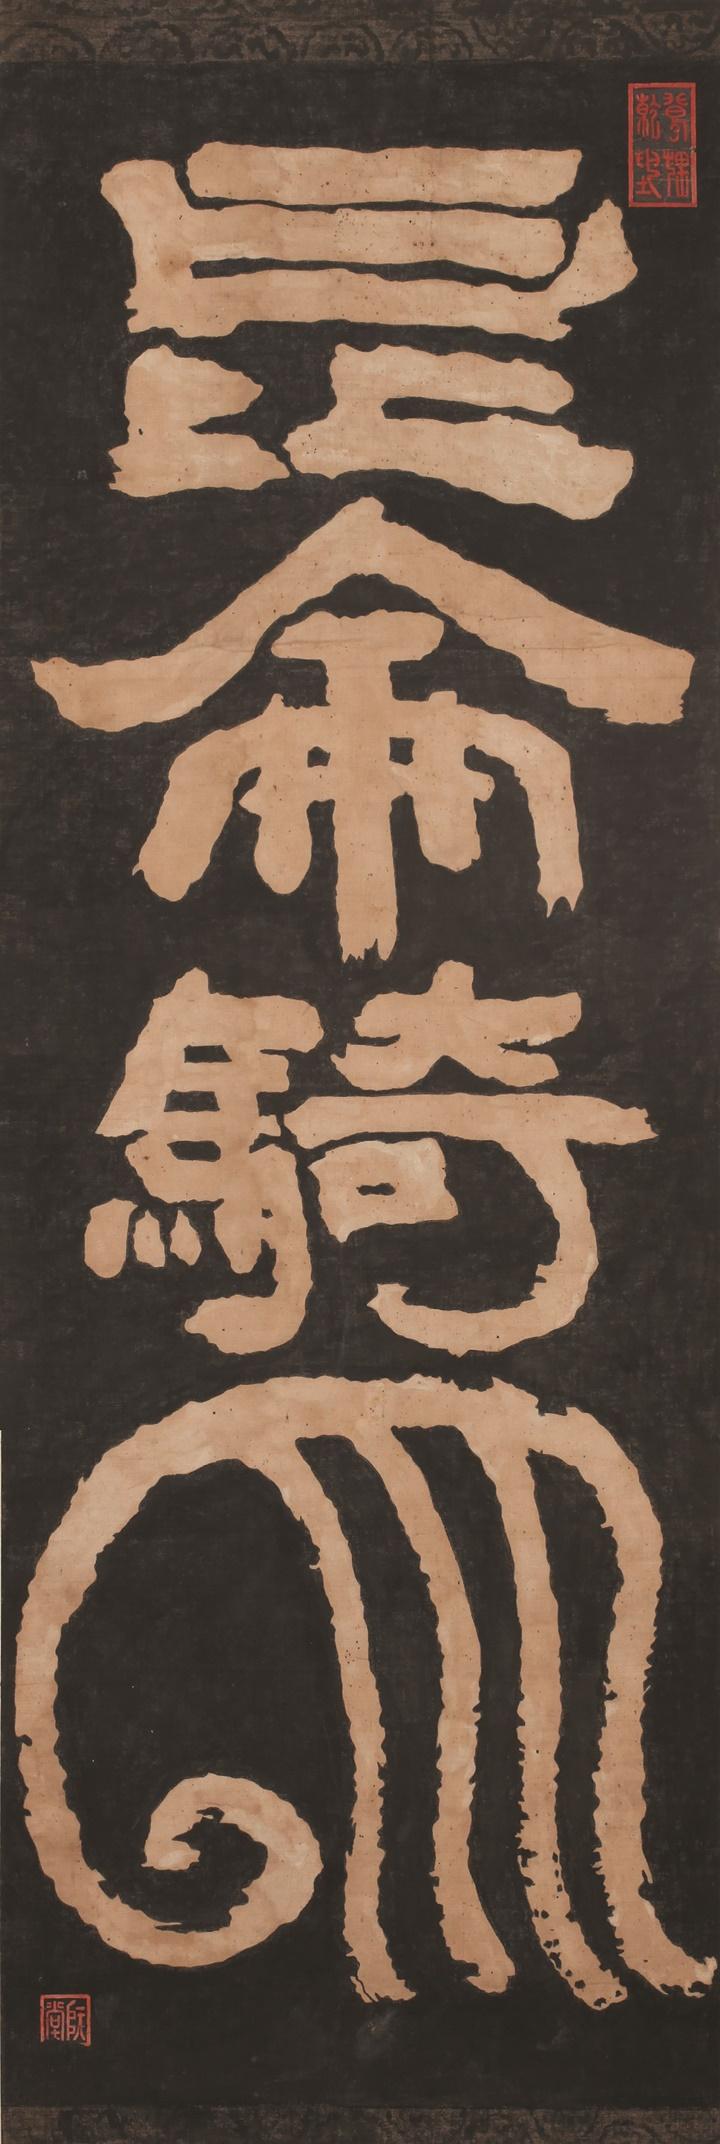 190612 사진2) 선을 넘어서-한국의 서예 전시(추사 김정희 곤륜기상).jpg